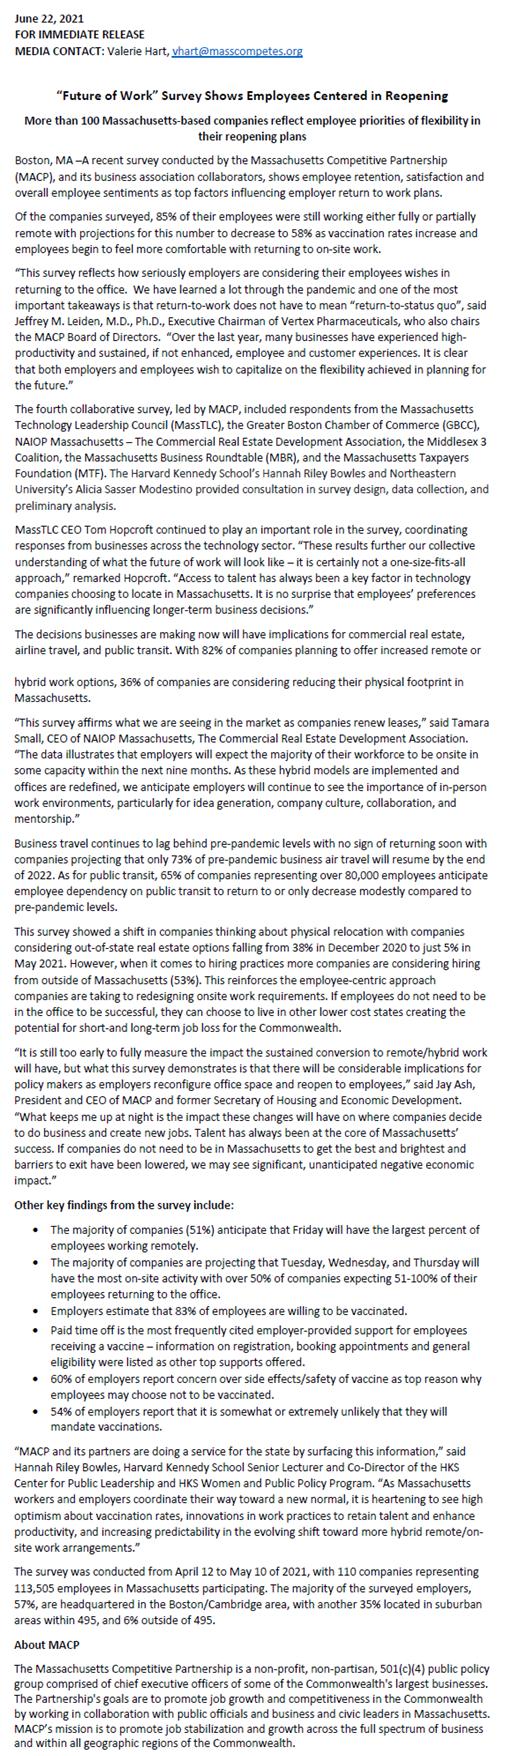 June 2021 Survey Press Release Image for Website.png